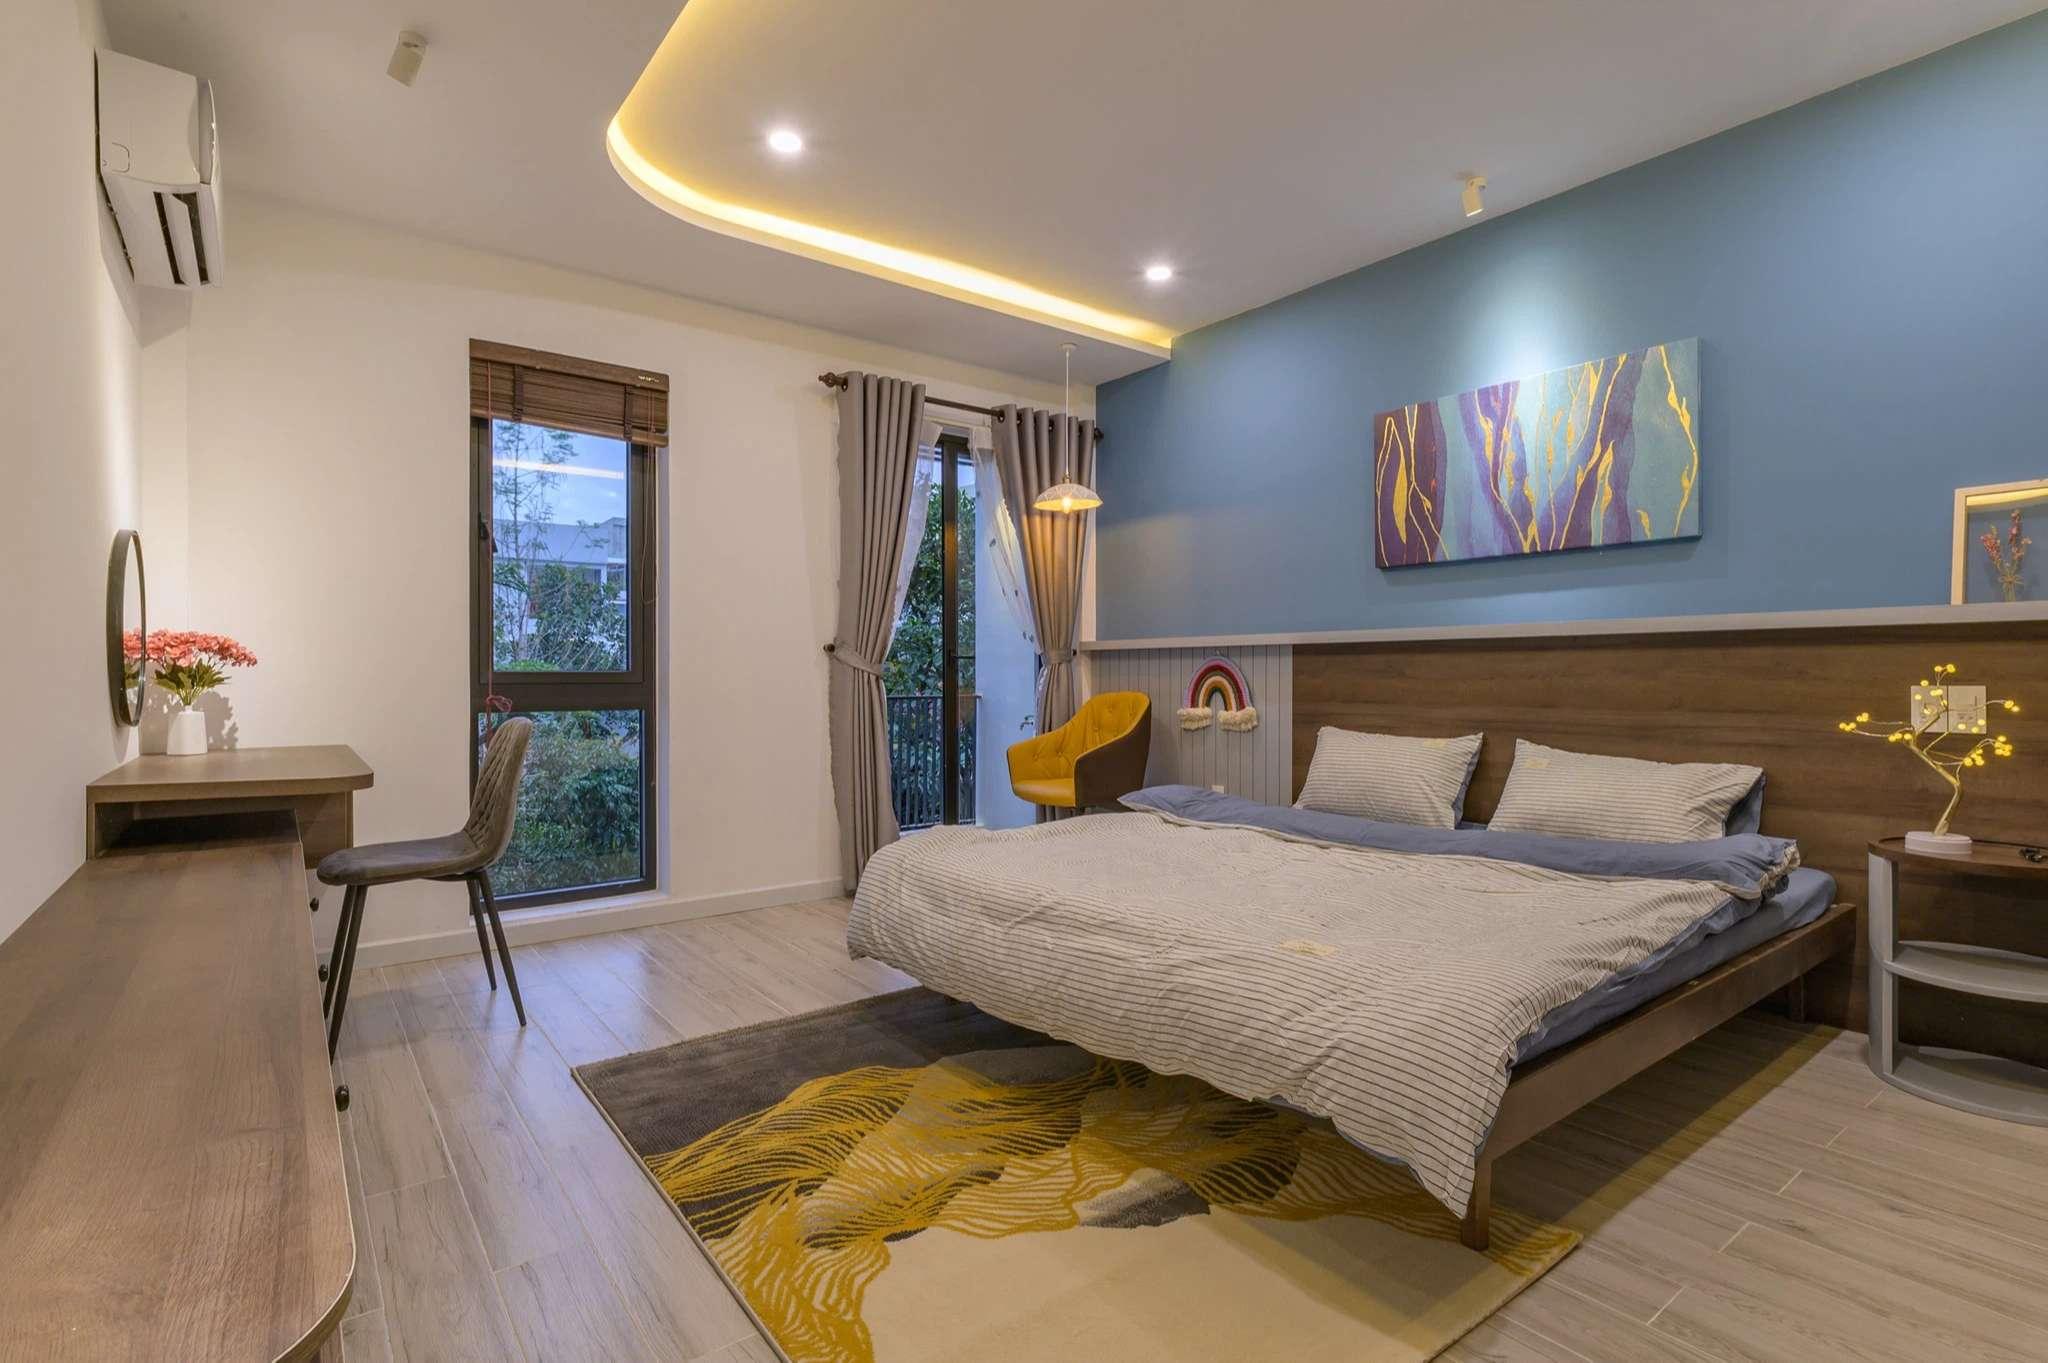 Mỗi phòng lại được decor theo một phong cách khác nhau - 2